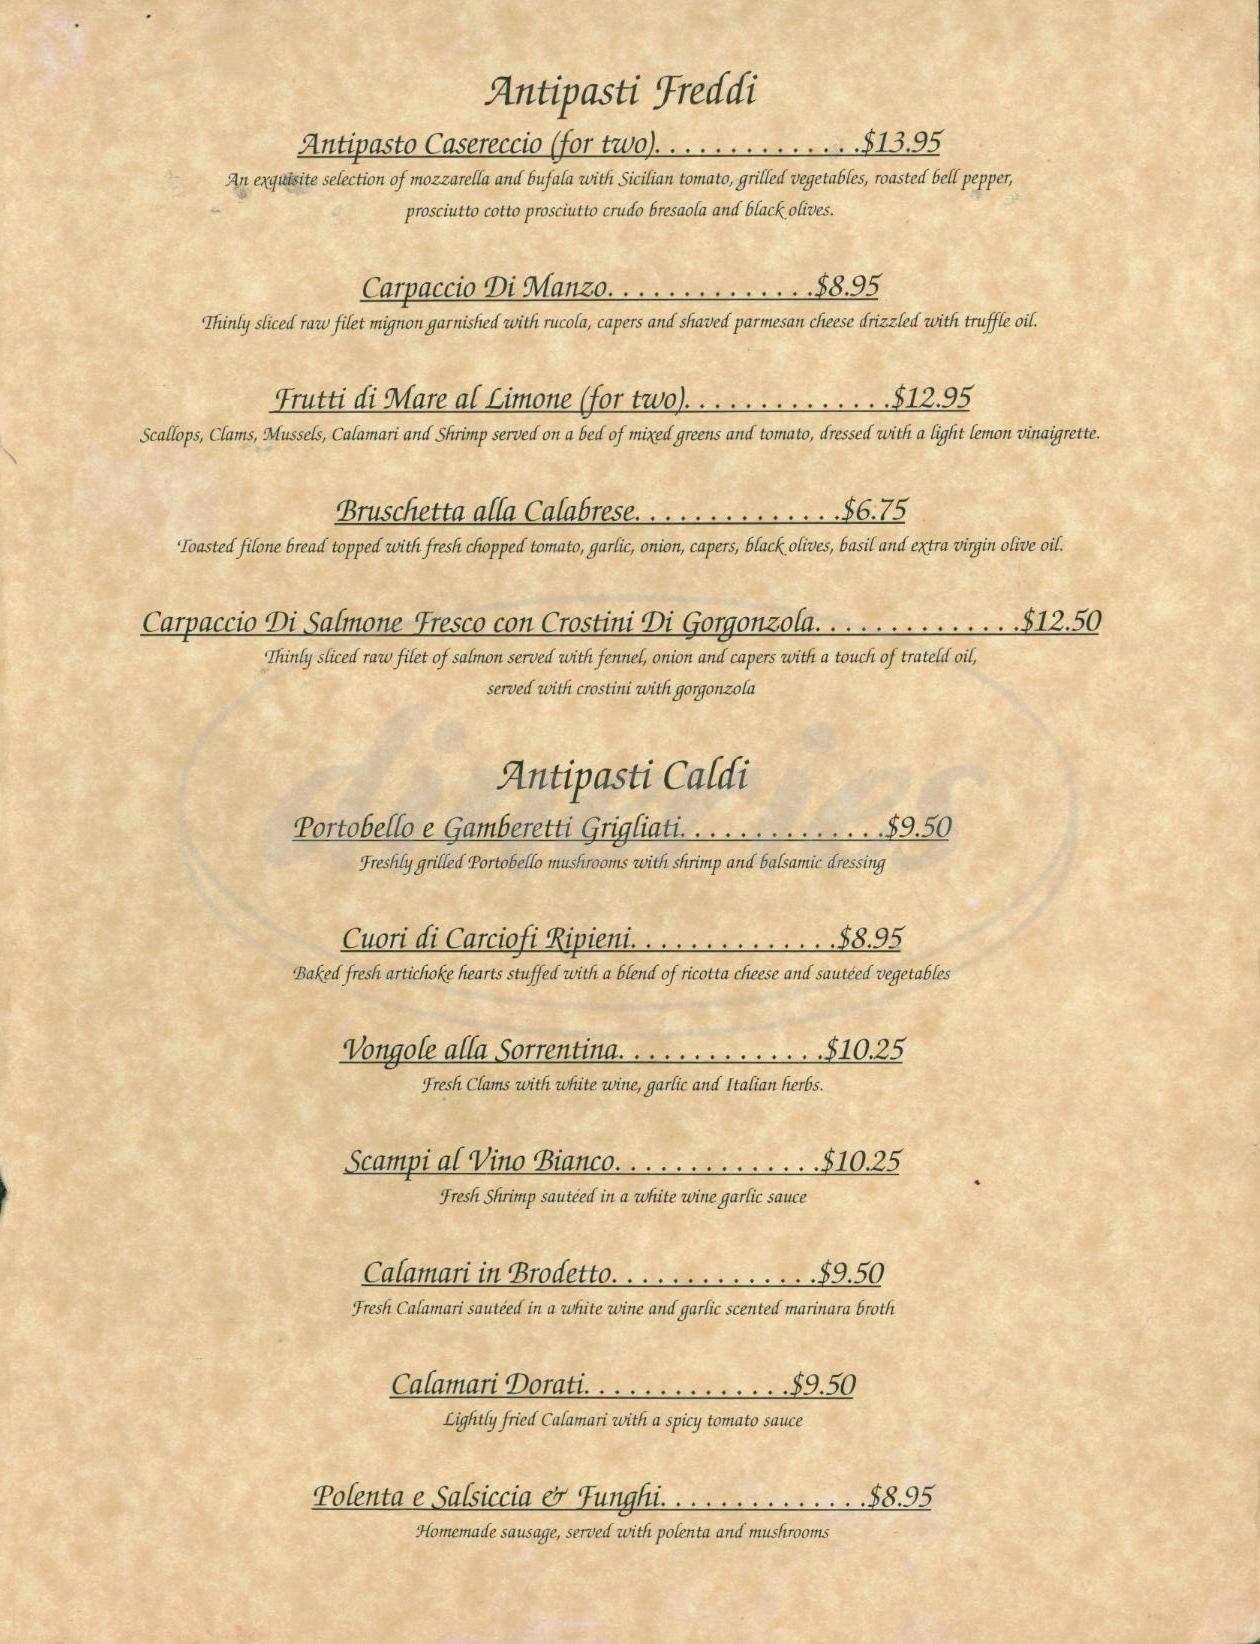 menu for Valentina